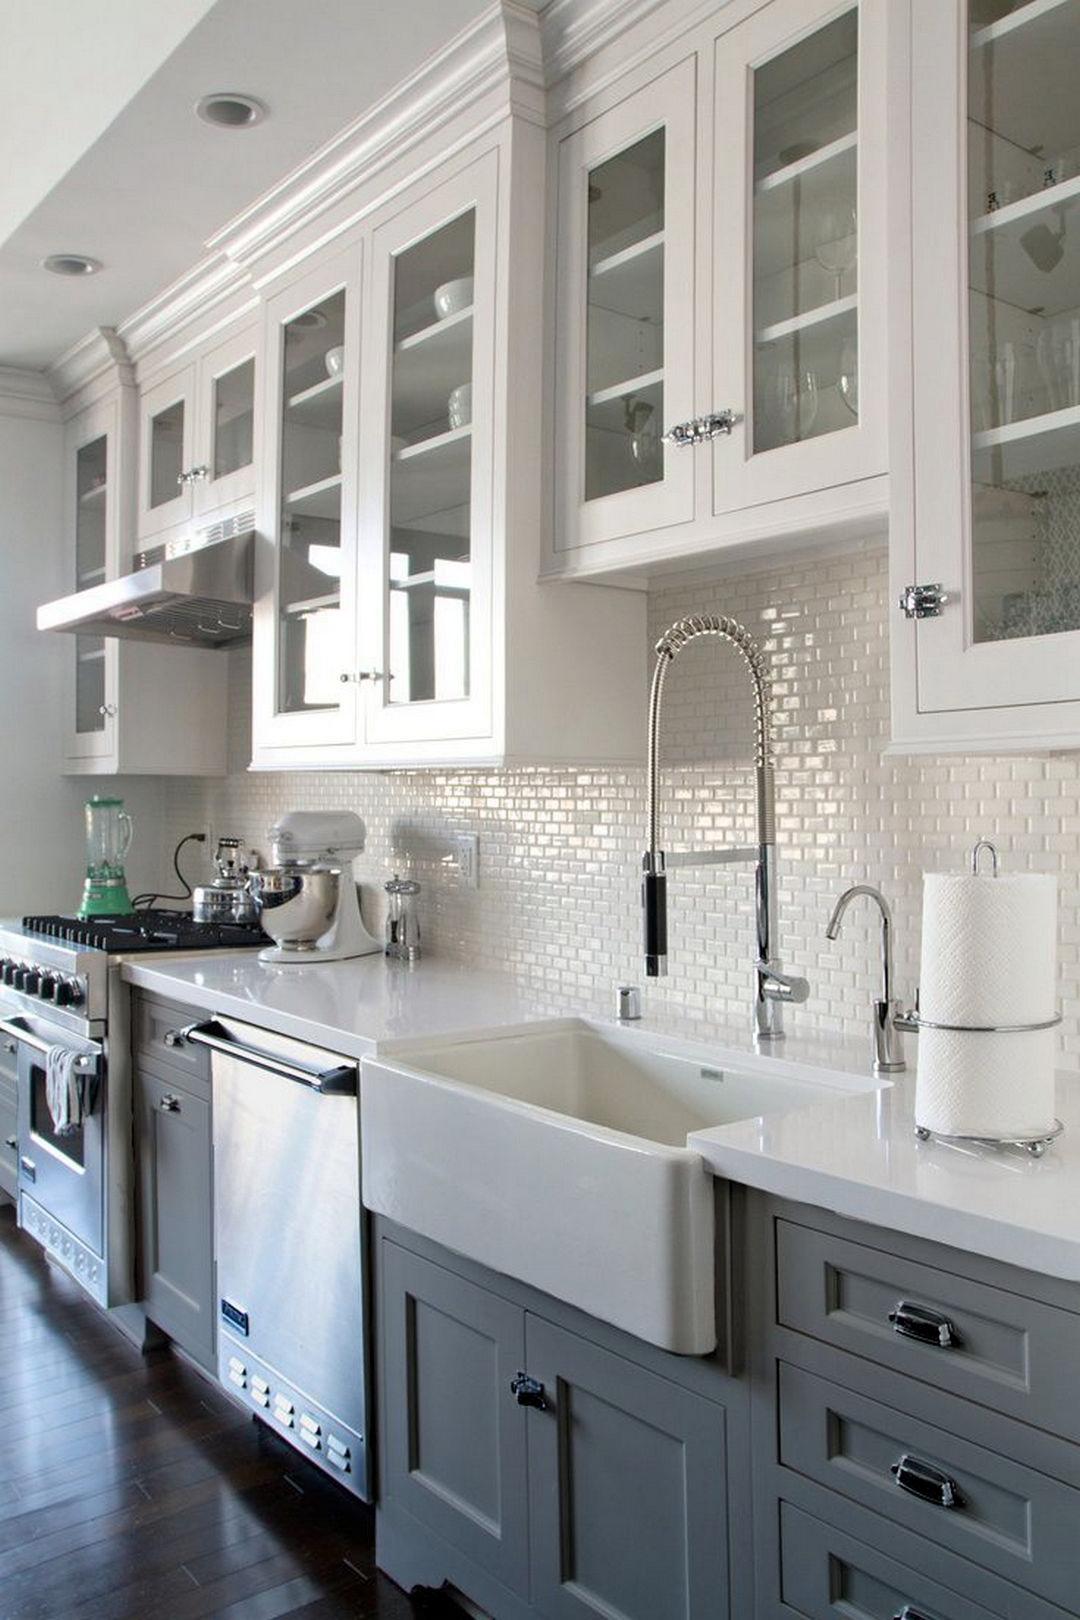 Superbe 53 Pretty White Kitchen Design Ideas Https://www.futuristarchitecture.com/